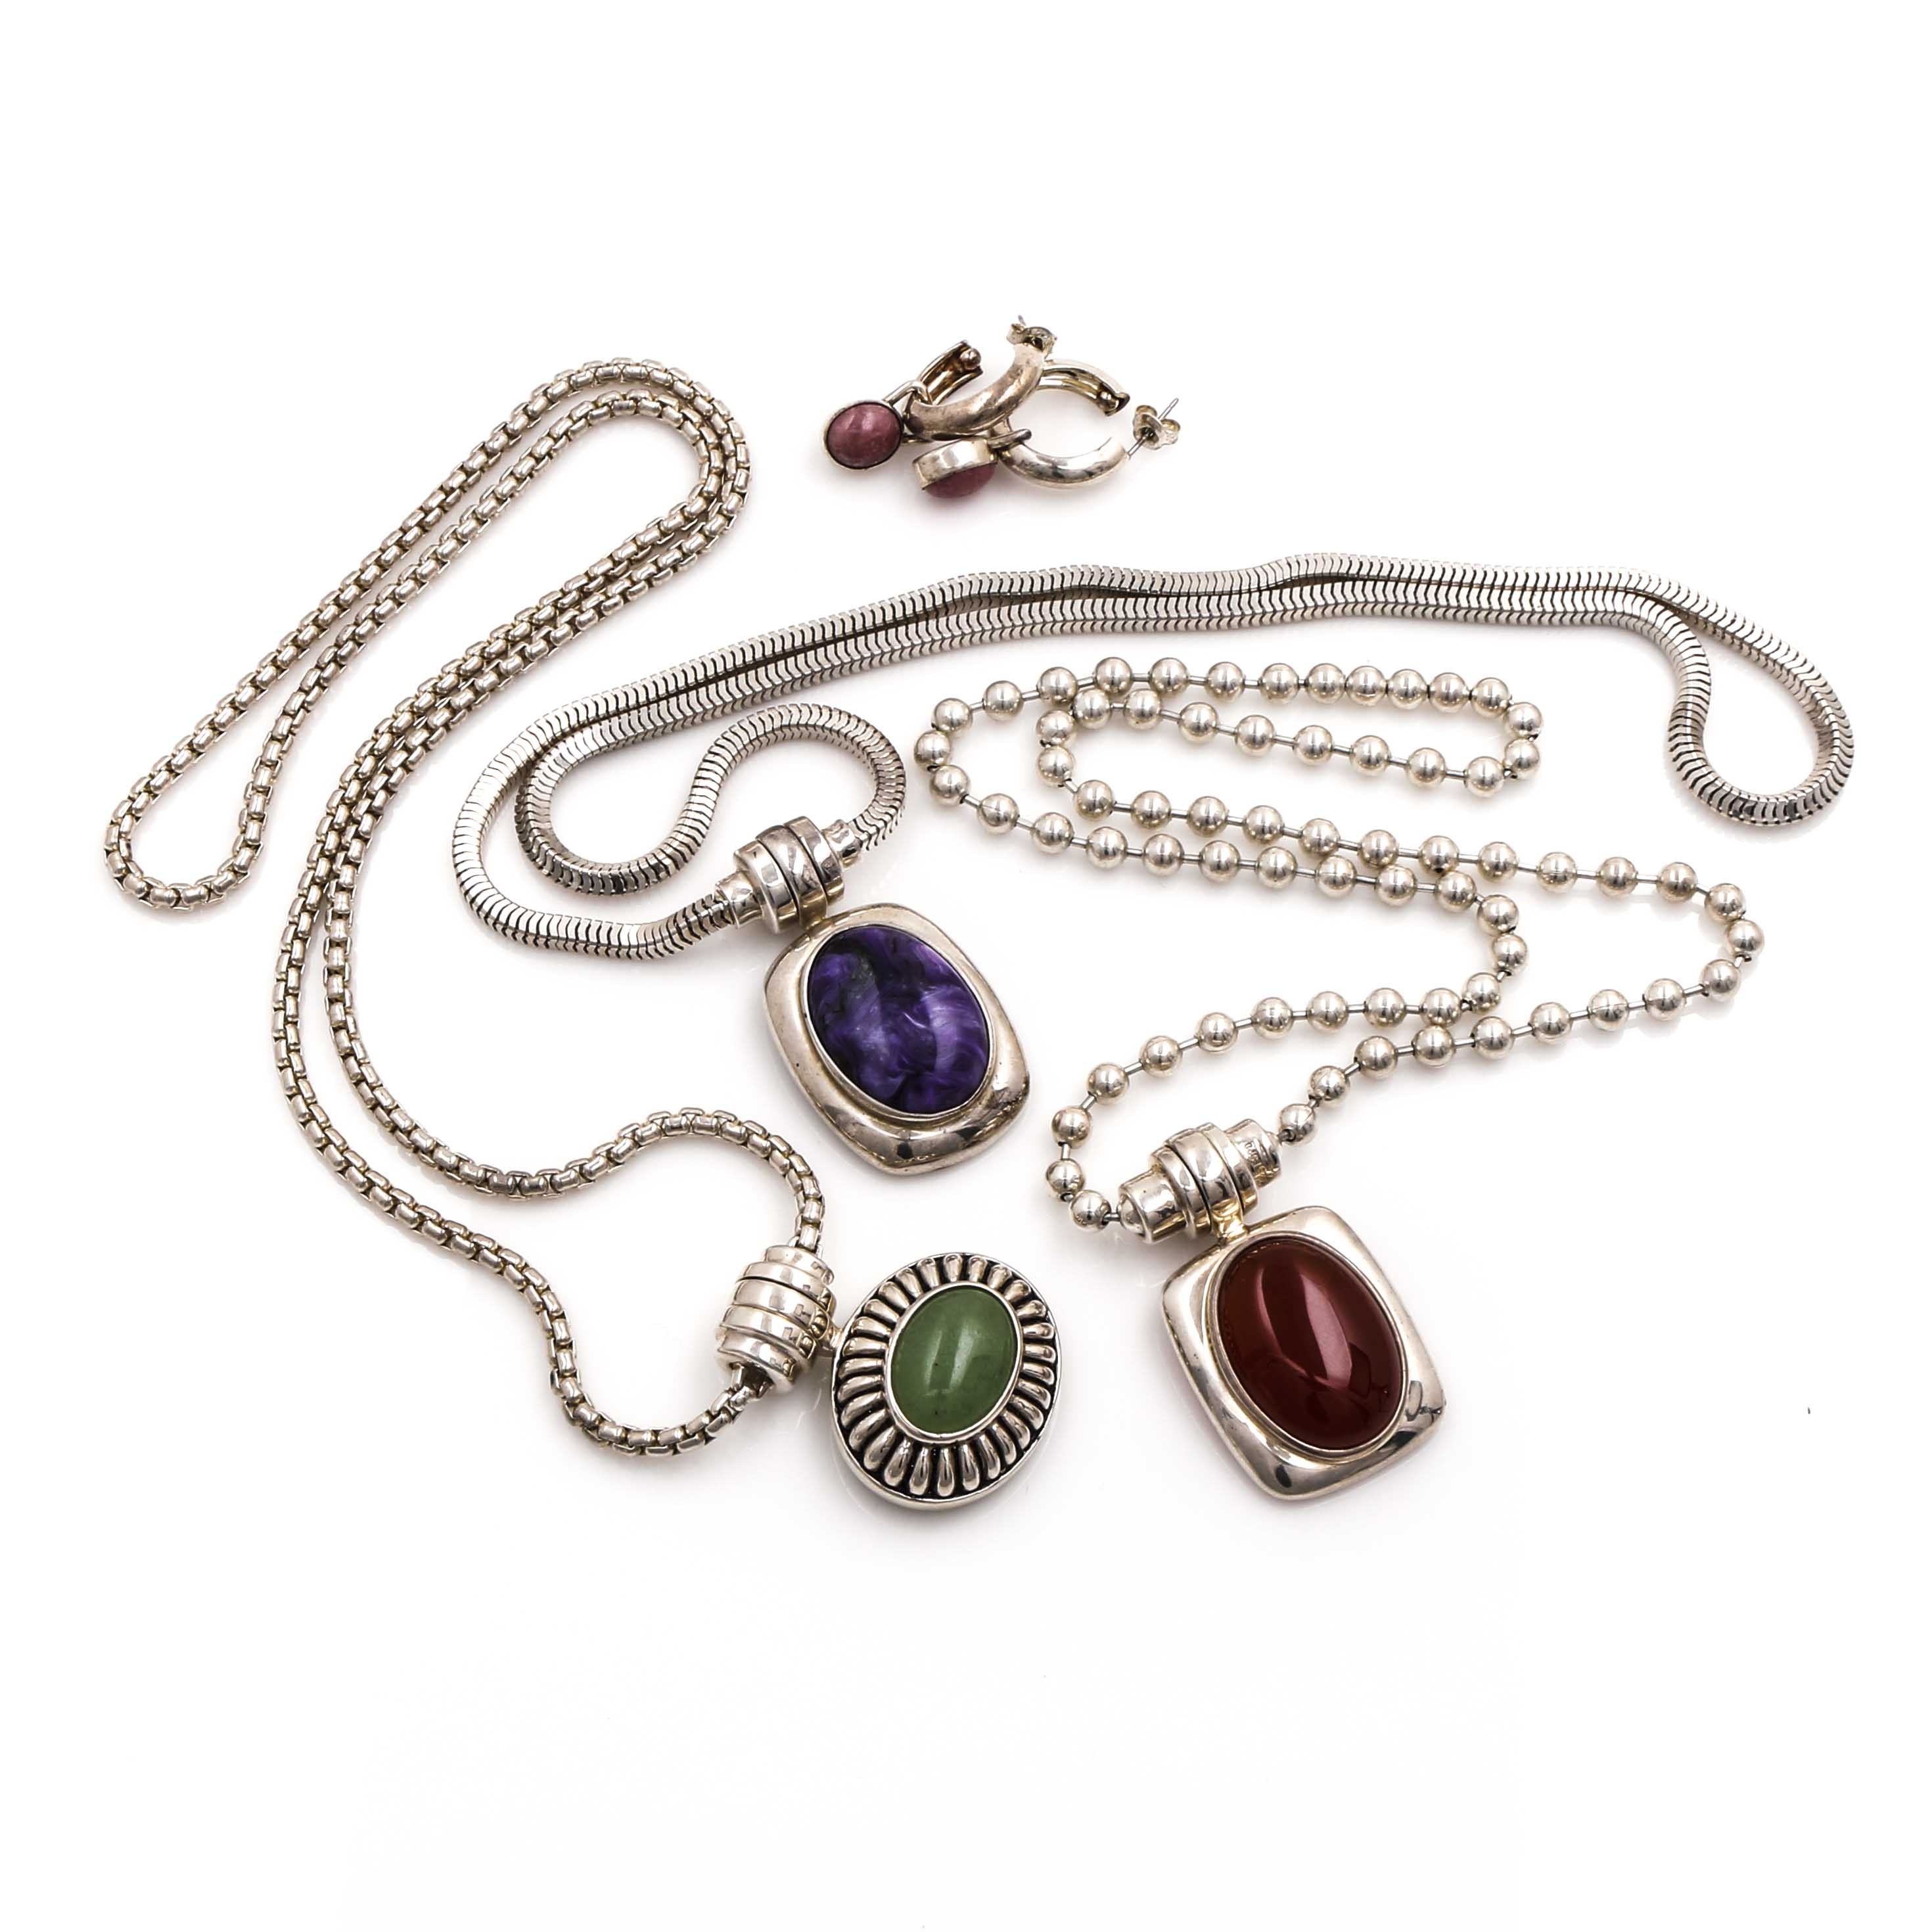 Joseph Esposito Sterling Silver Jewelry Assortment